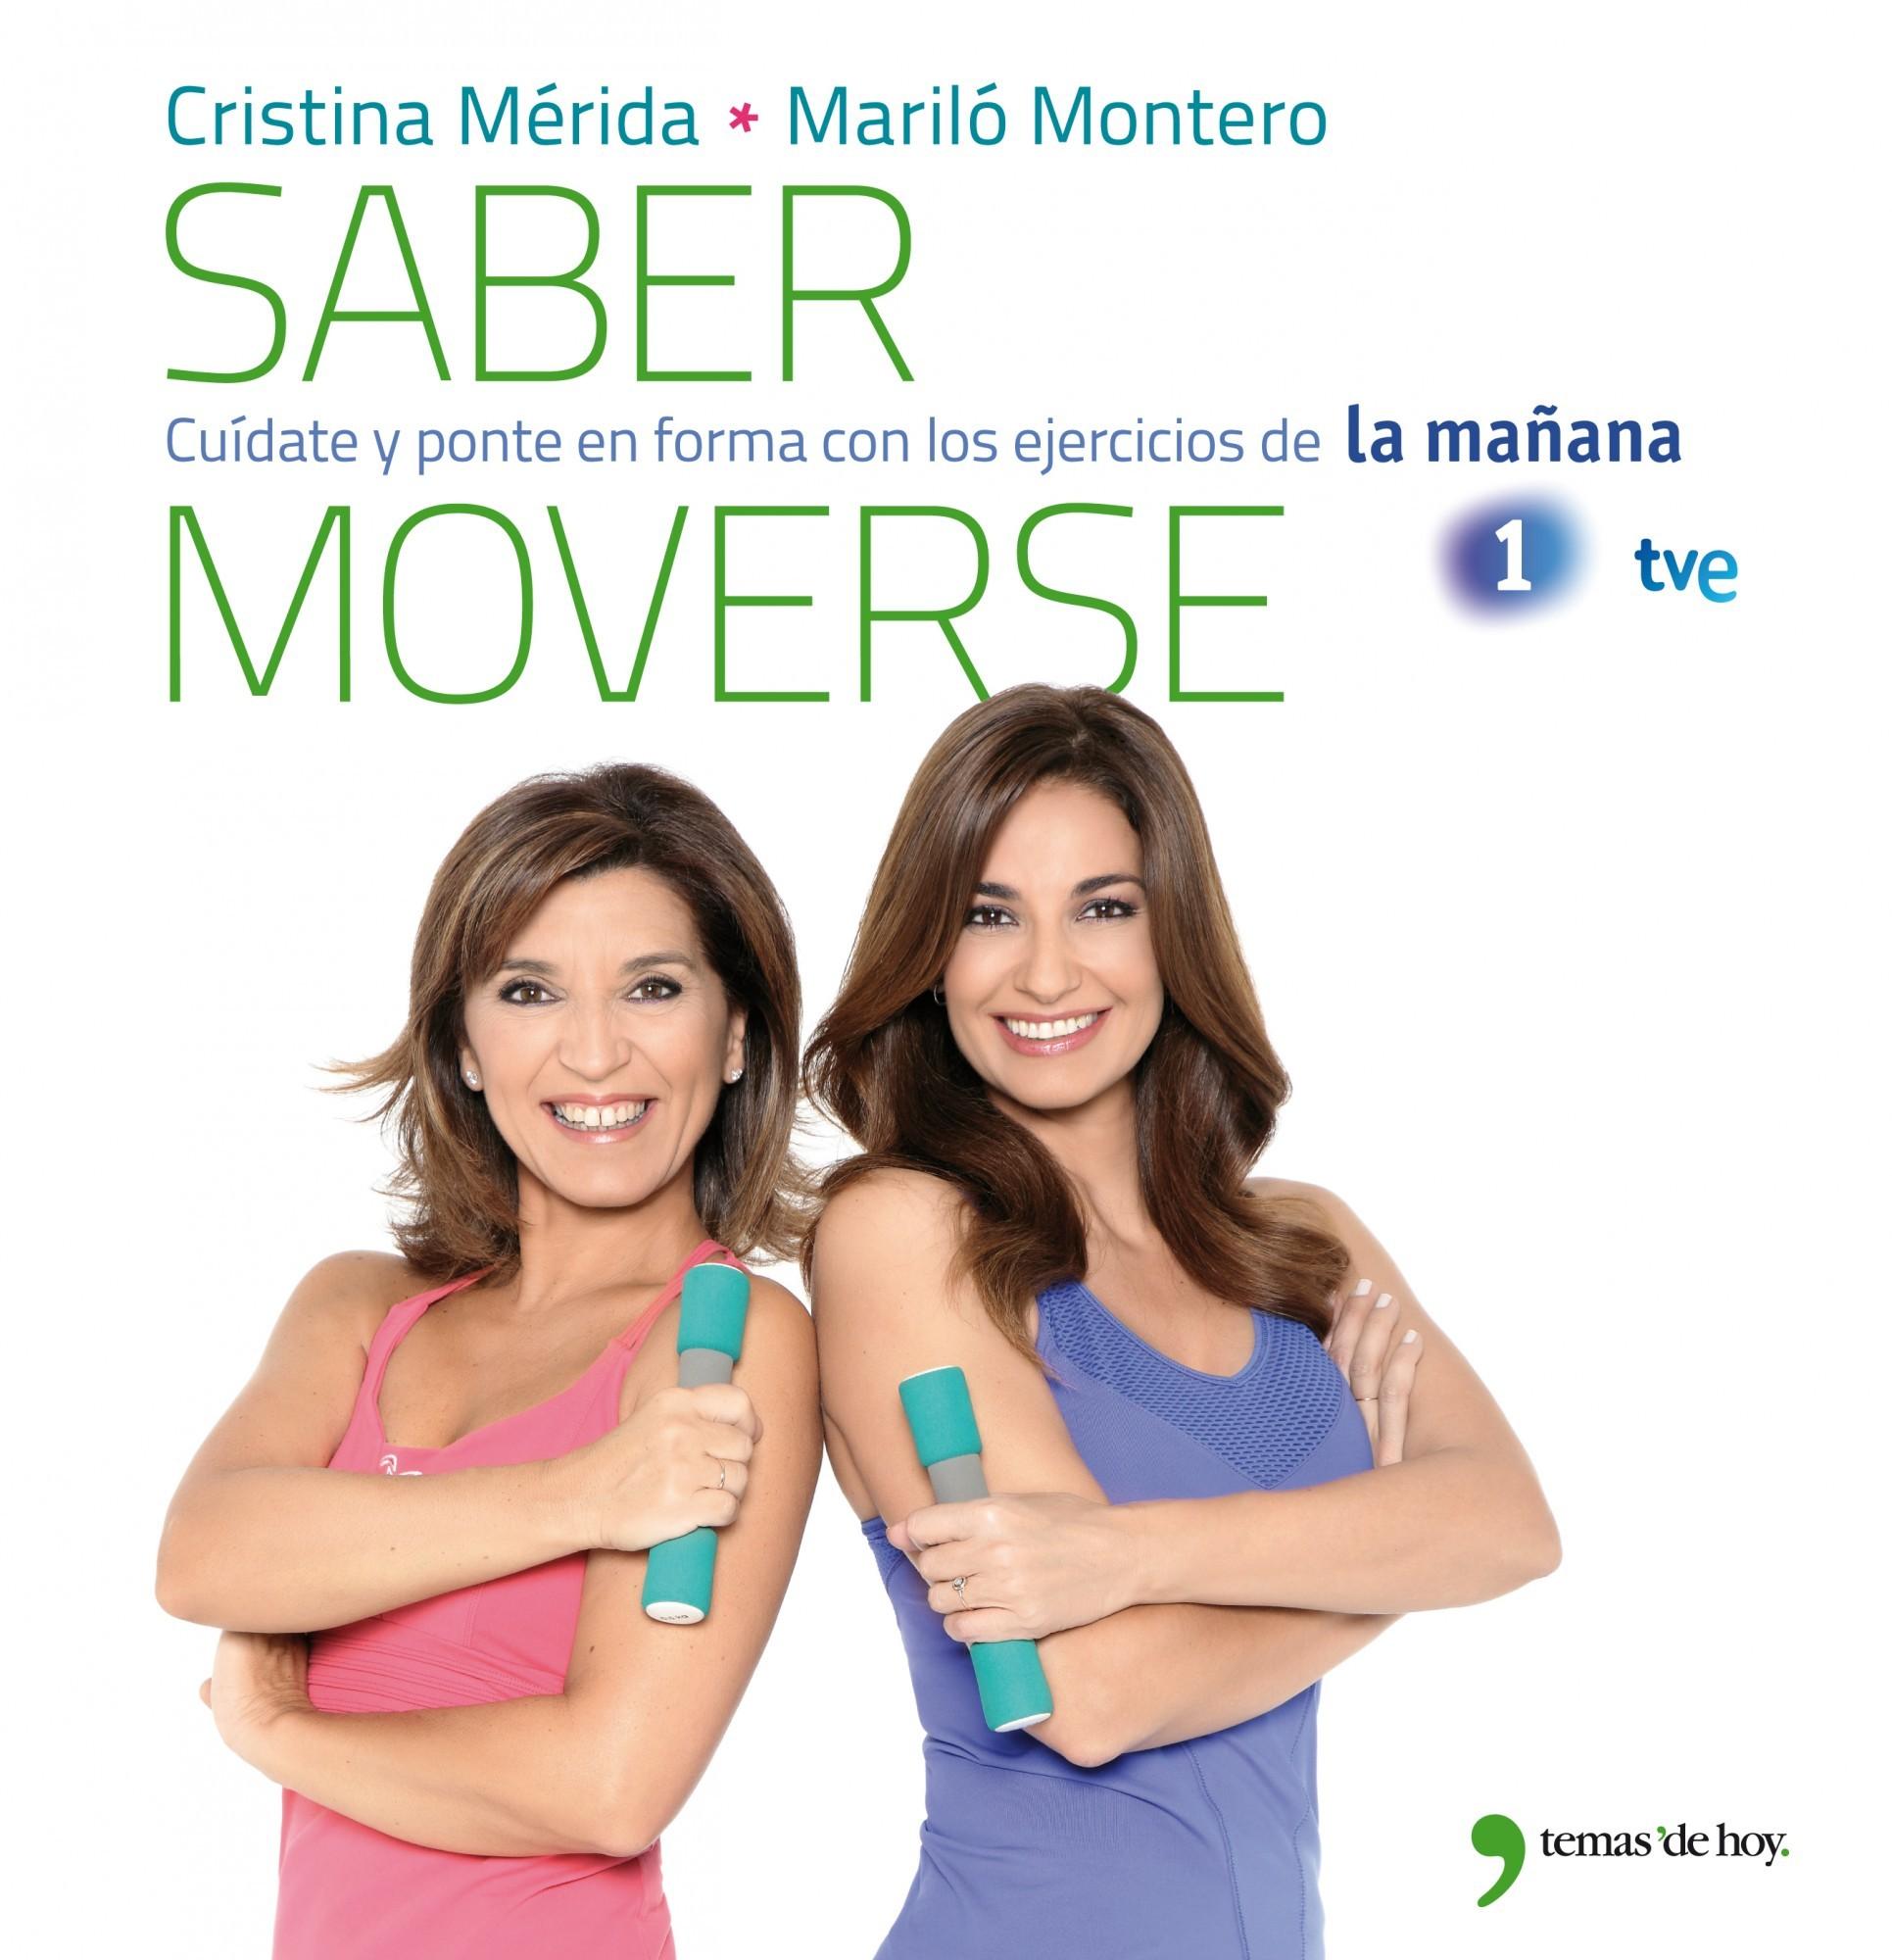 SABER MOVERSE. CUÍDATE Y PONTE EN FORMA CON LOS EJERCICIOS DE LAS MAÑANAS DE LA 1